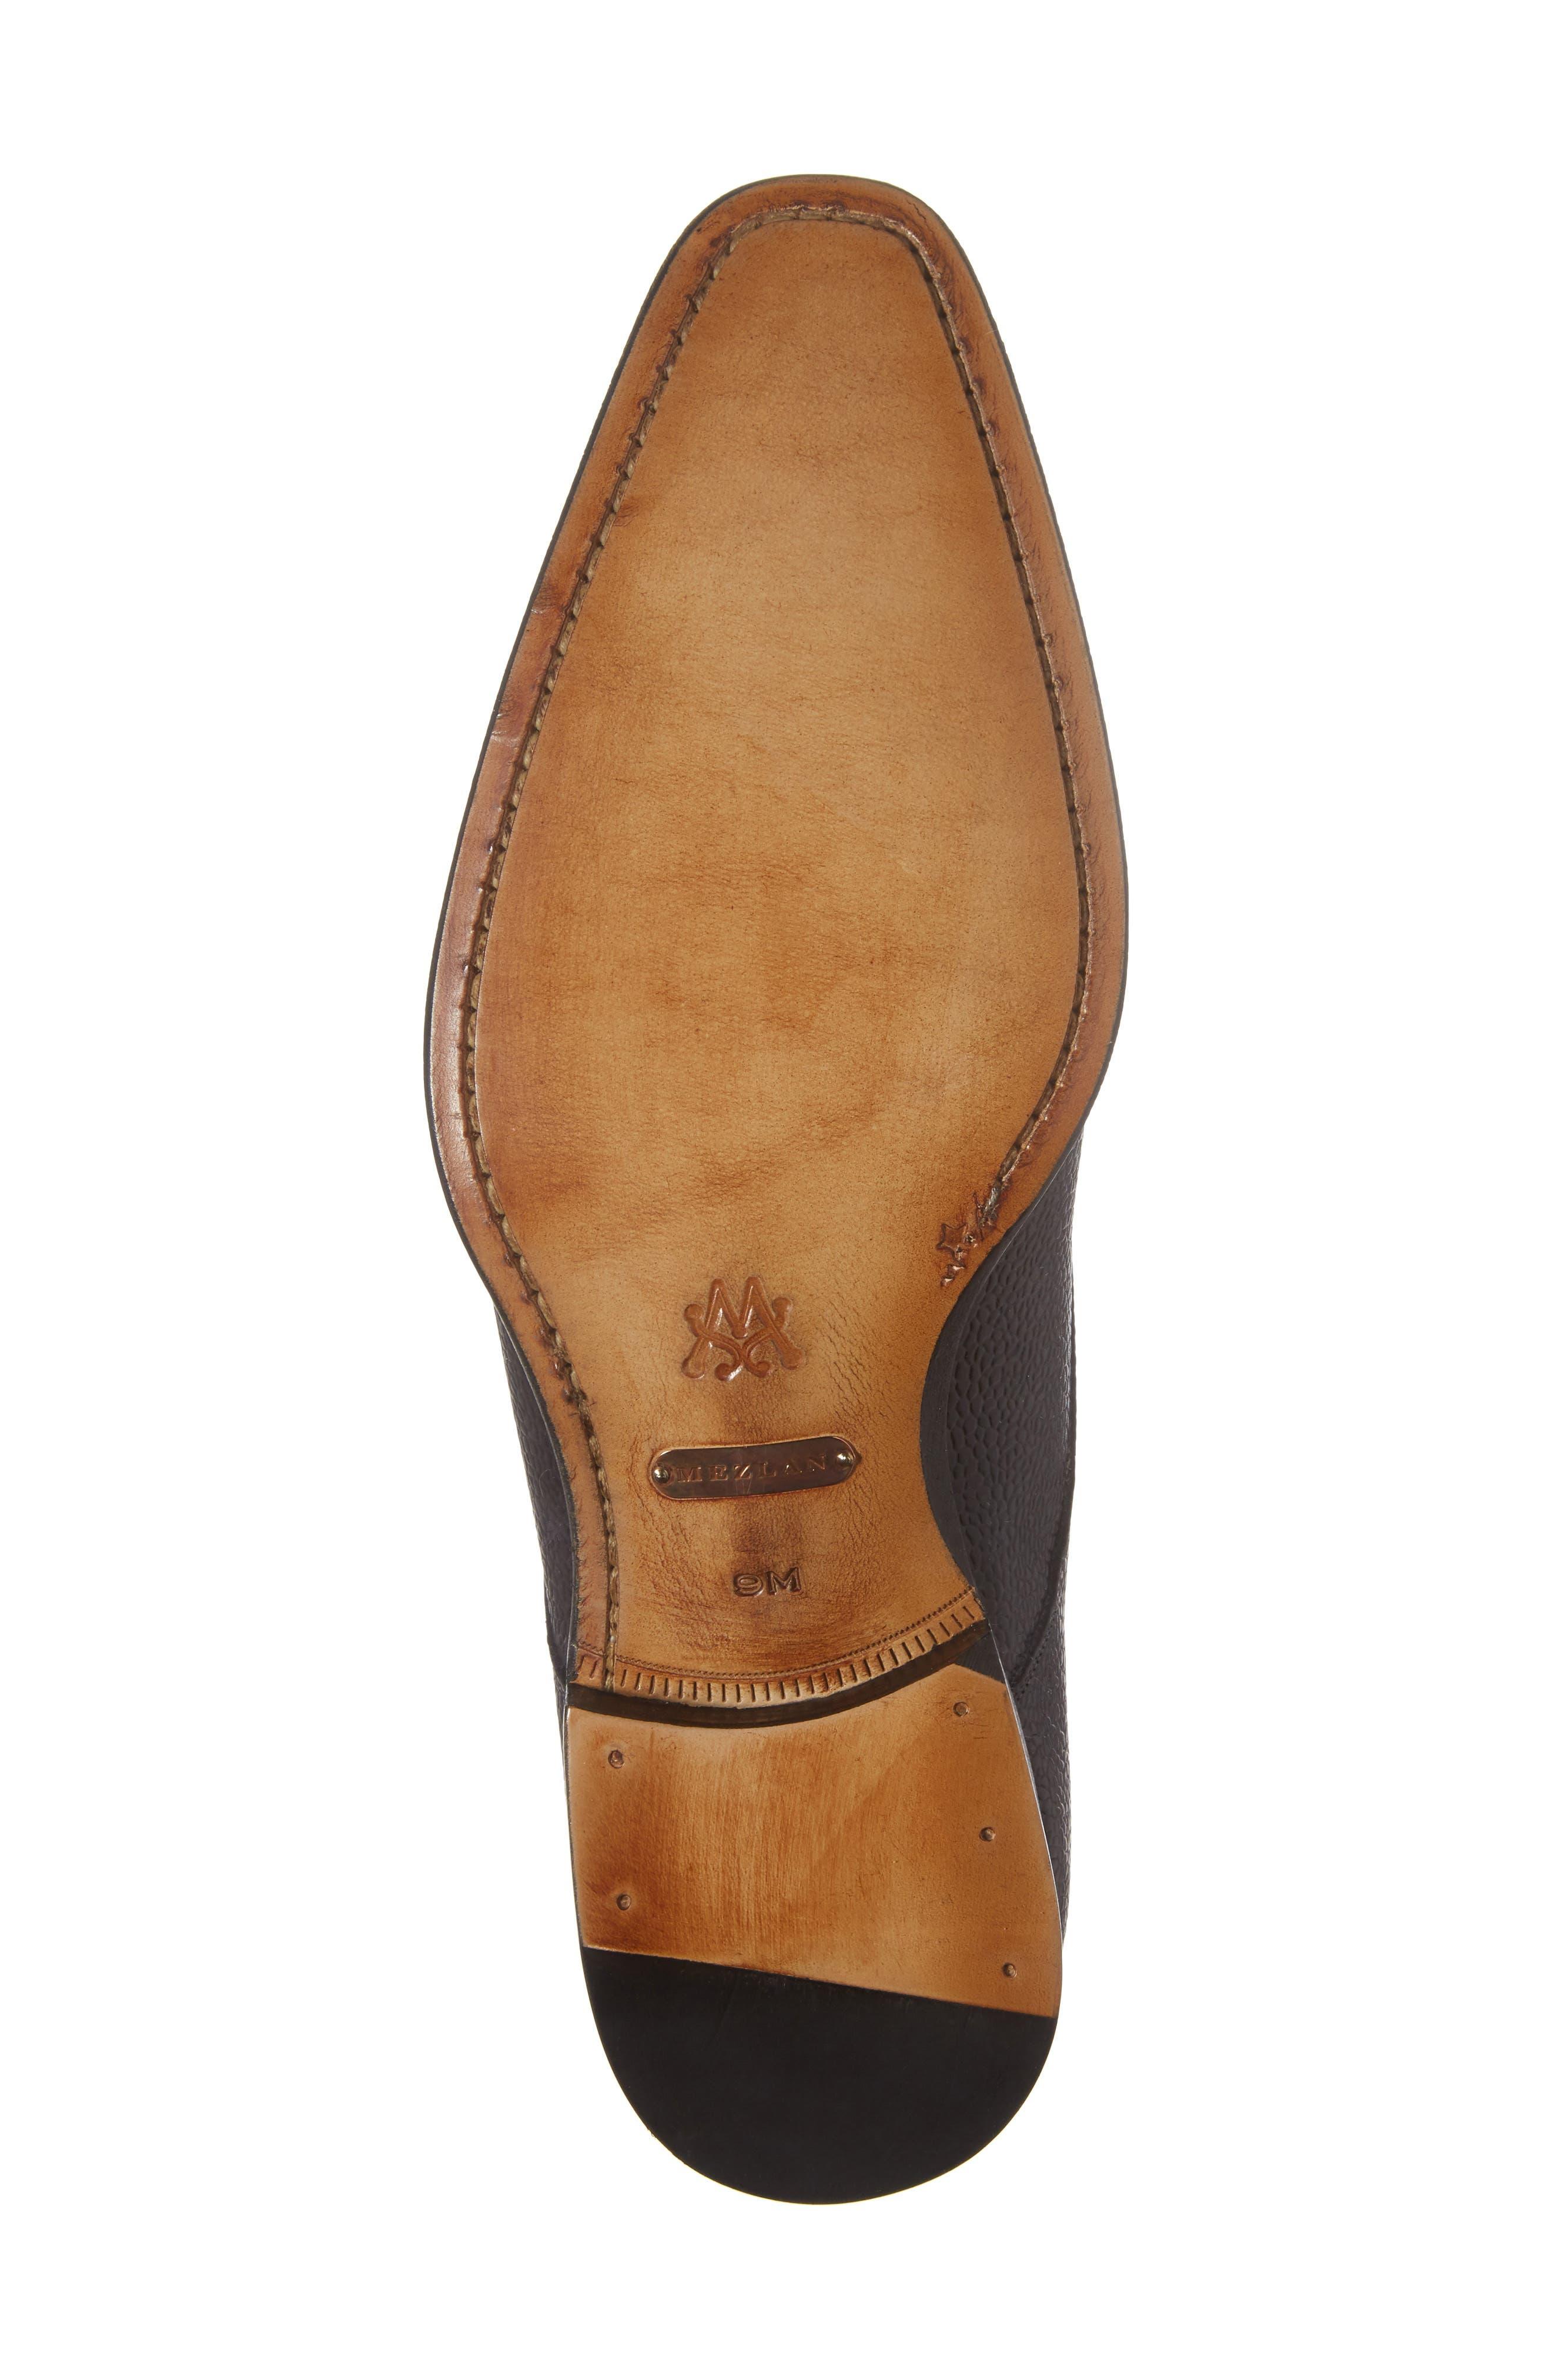 Lubrin Double Monk Strap Shoe,                             Alternate thumbnail 6, color,                             BLACK LEATHER